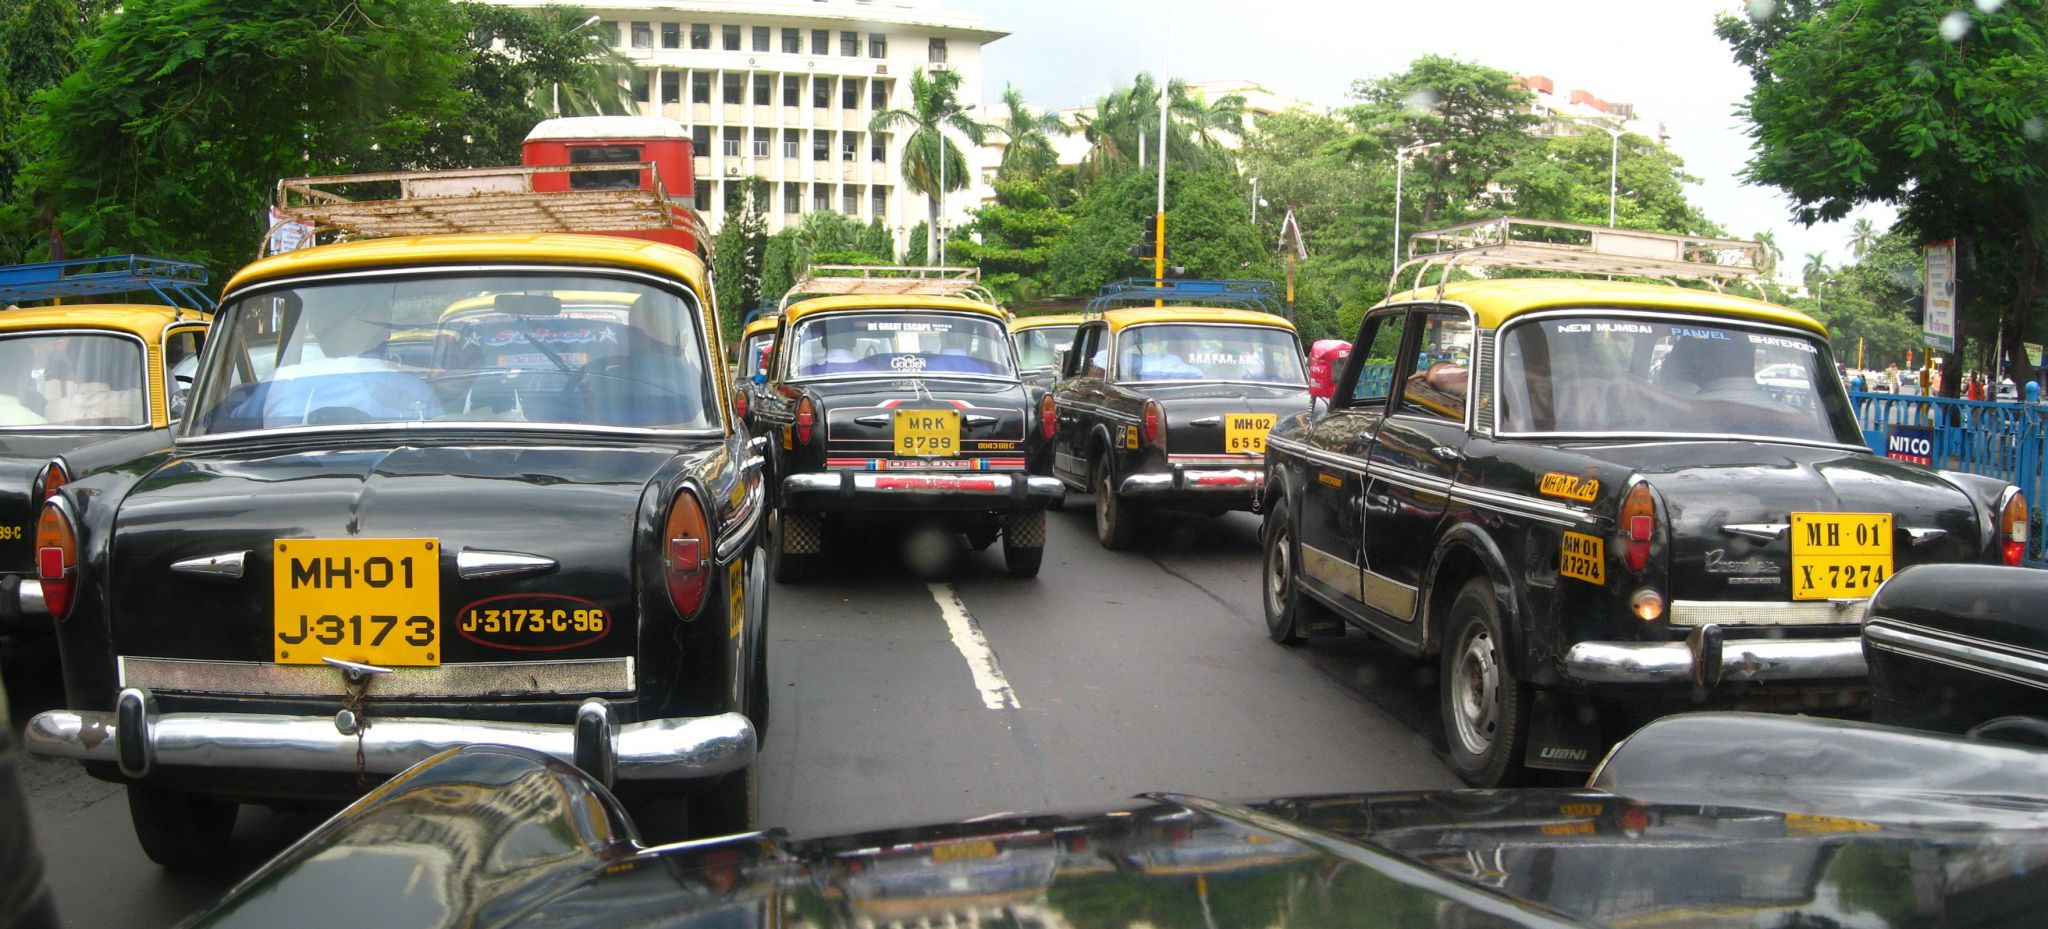 تاکسی بمبئی